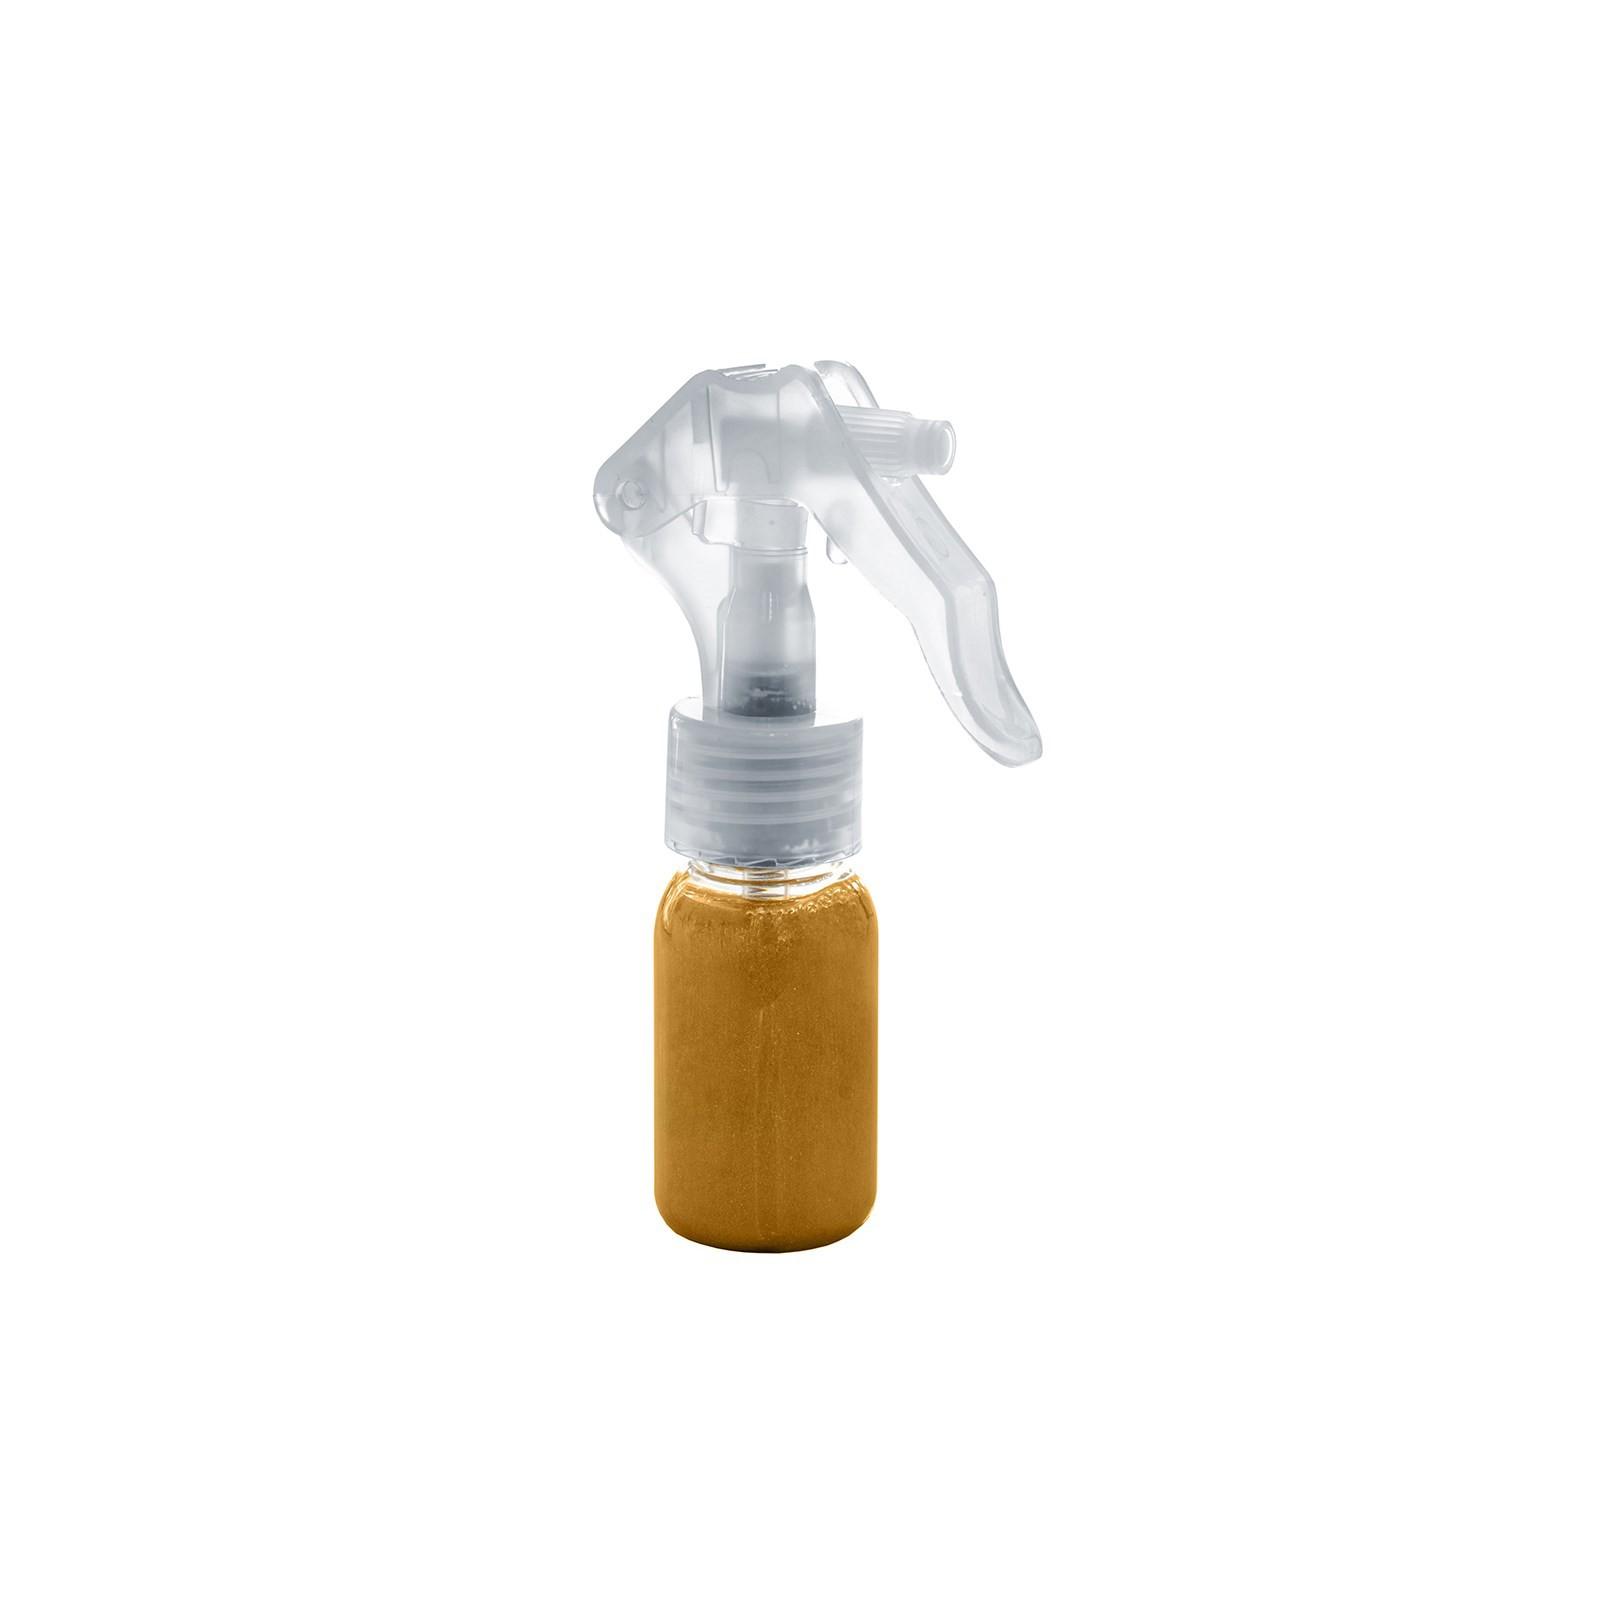 Tinta perolada (spray) - Ouro - Toke e Crie (21218)